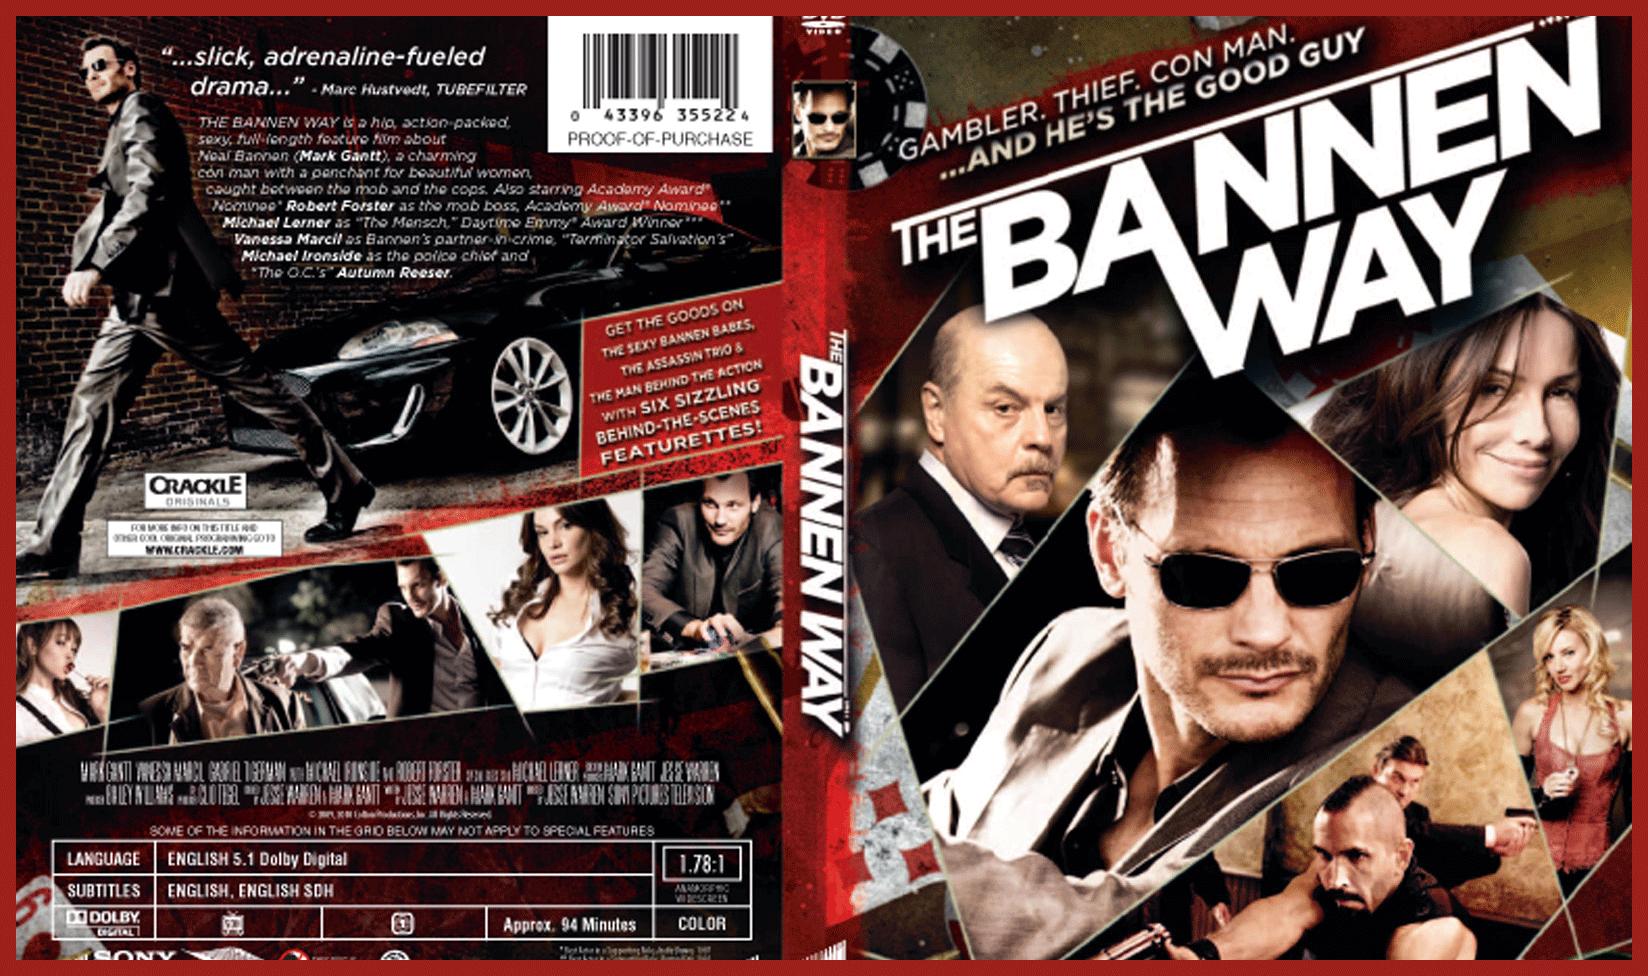 The Bannen Way DVD